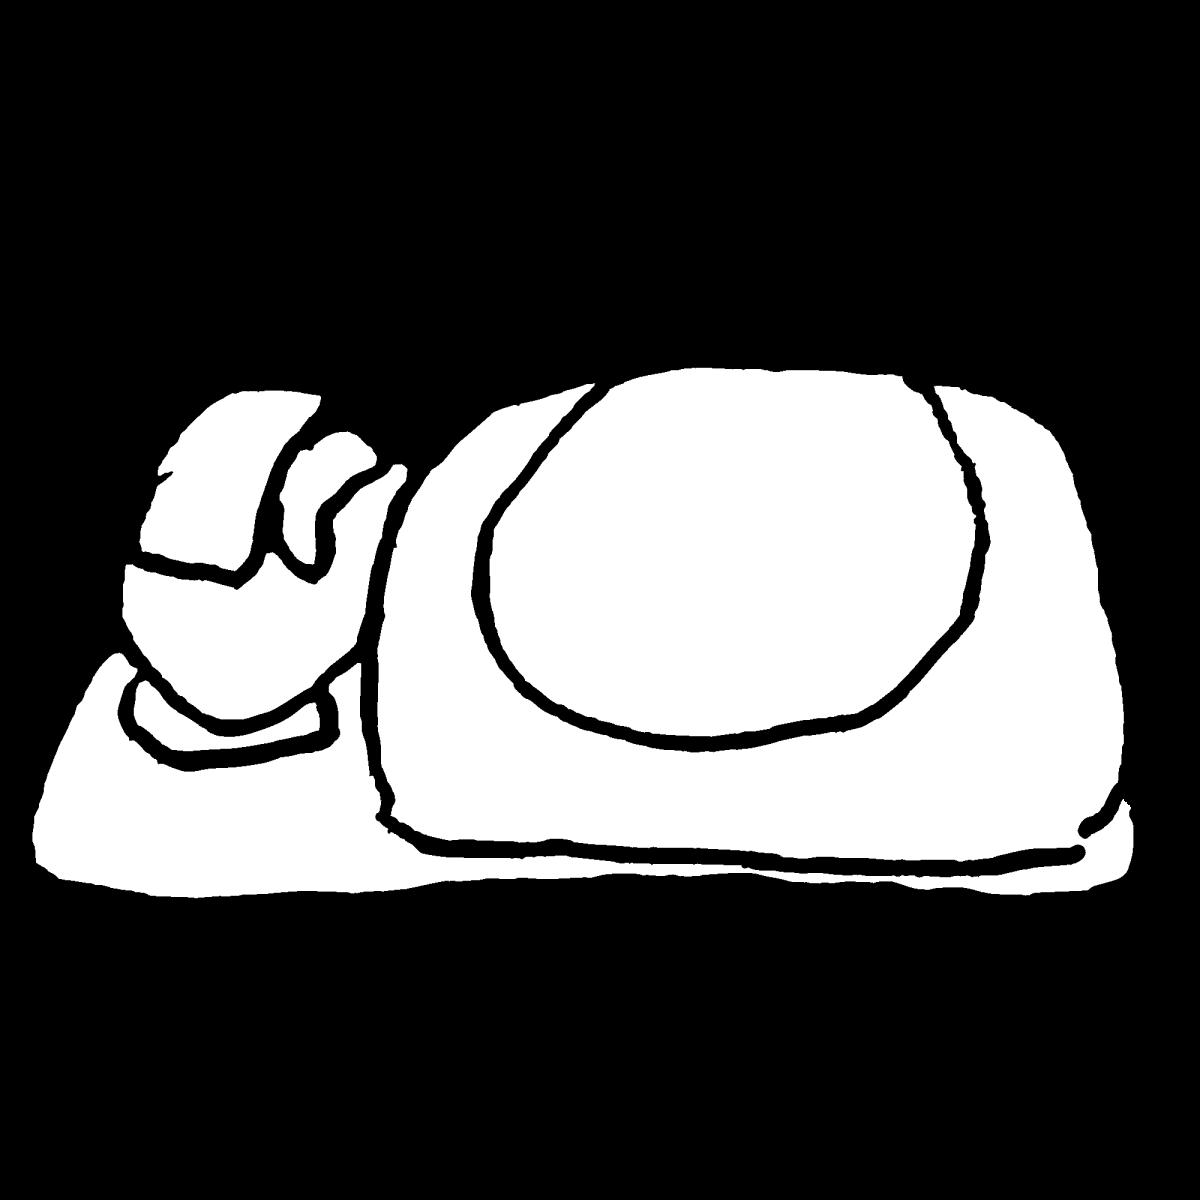 熱が出て寝込むのイラスト / Fever falls a sleepCoronavirus Illustration